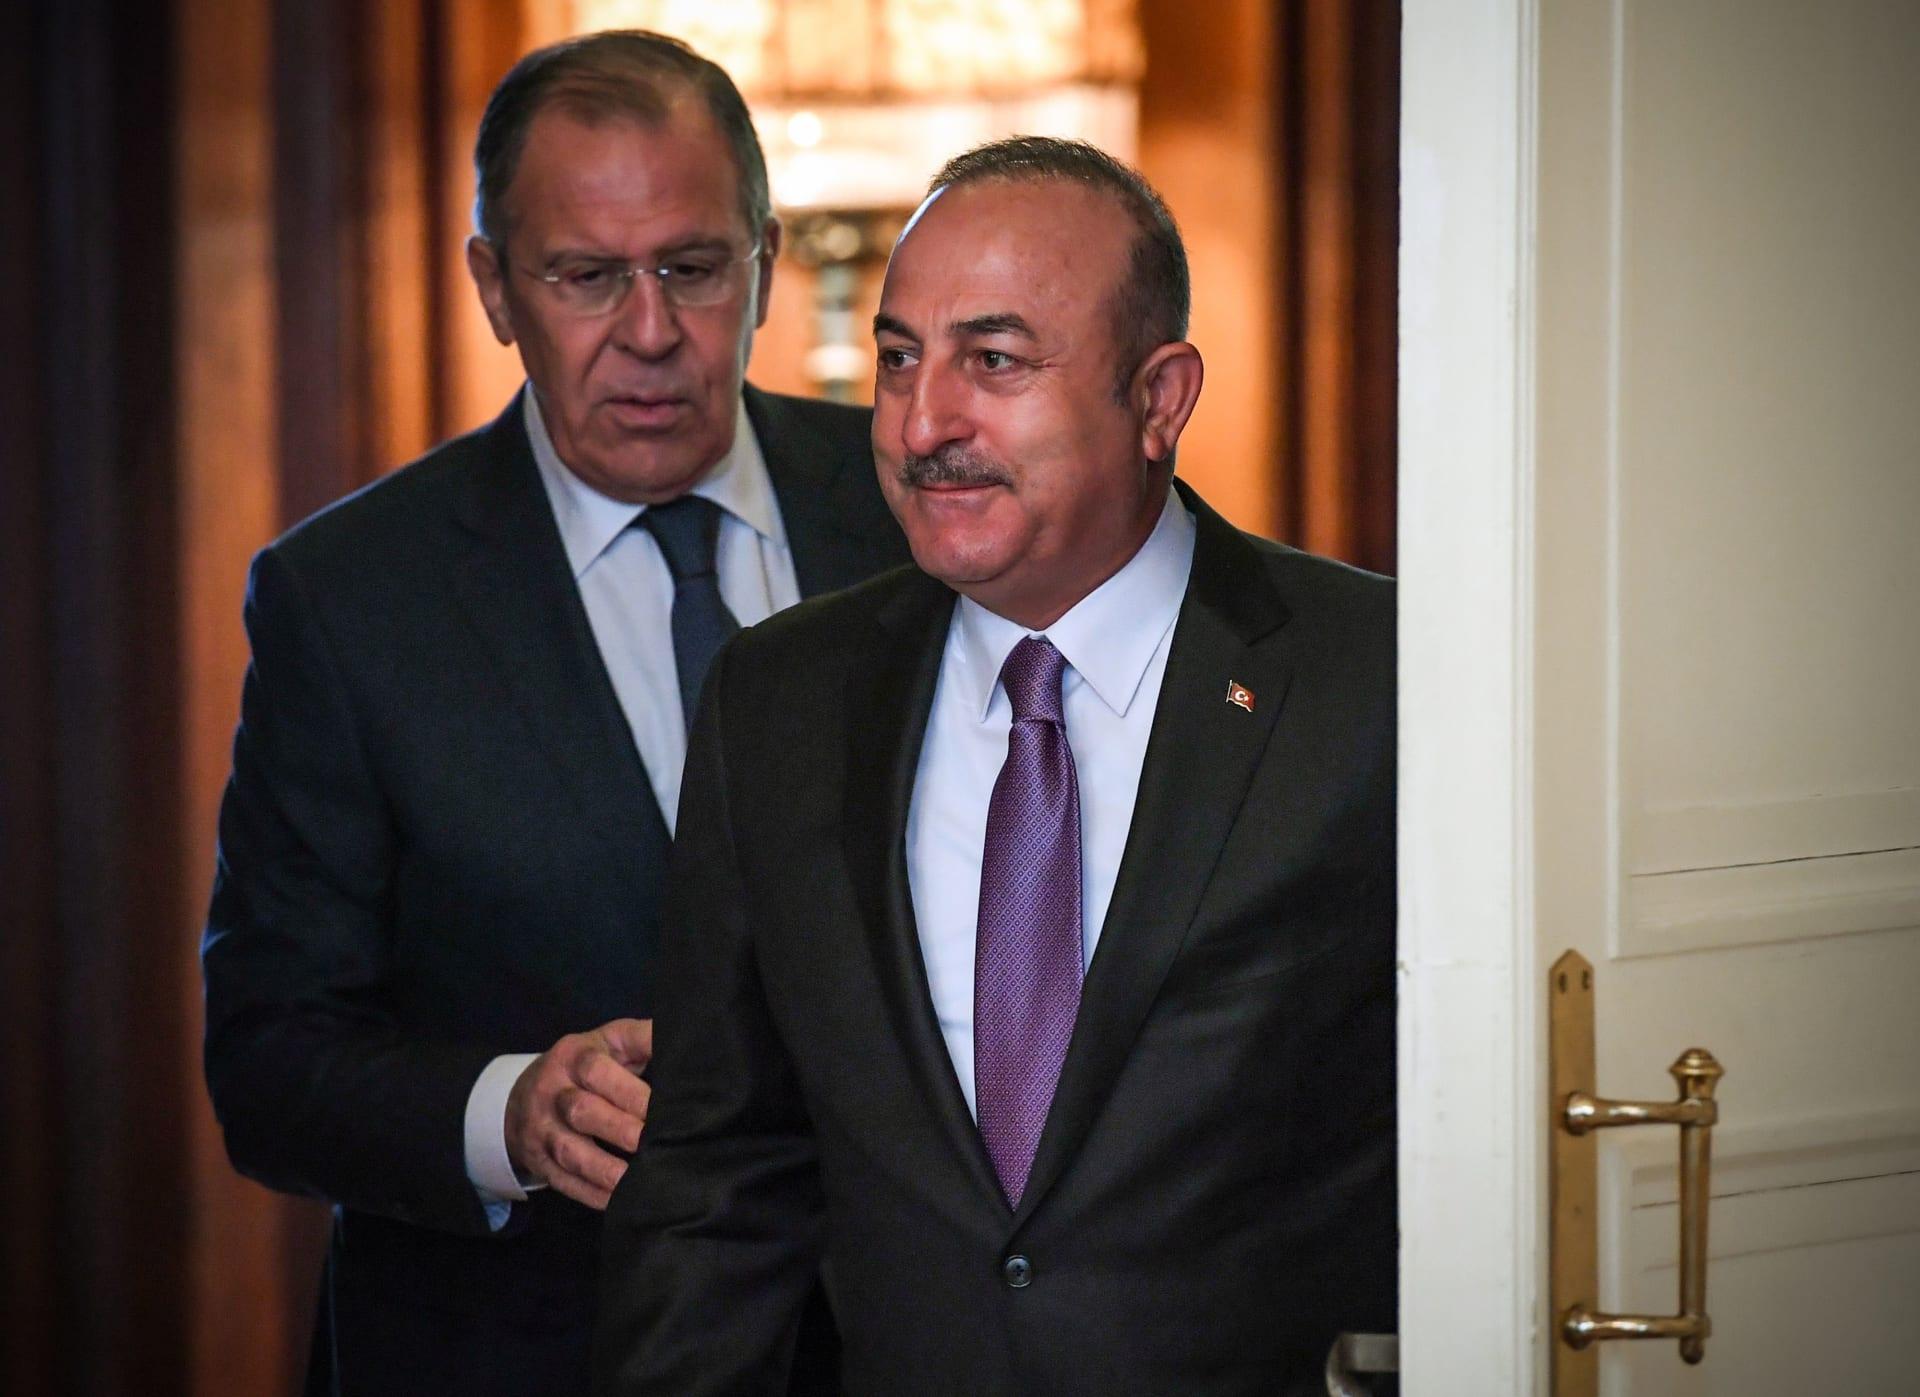 اتفاق بين تركيا وروسيا للتنسيق في سوريا مع انسحاب القوات الأمريكية